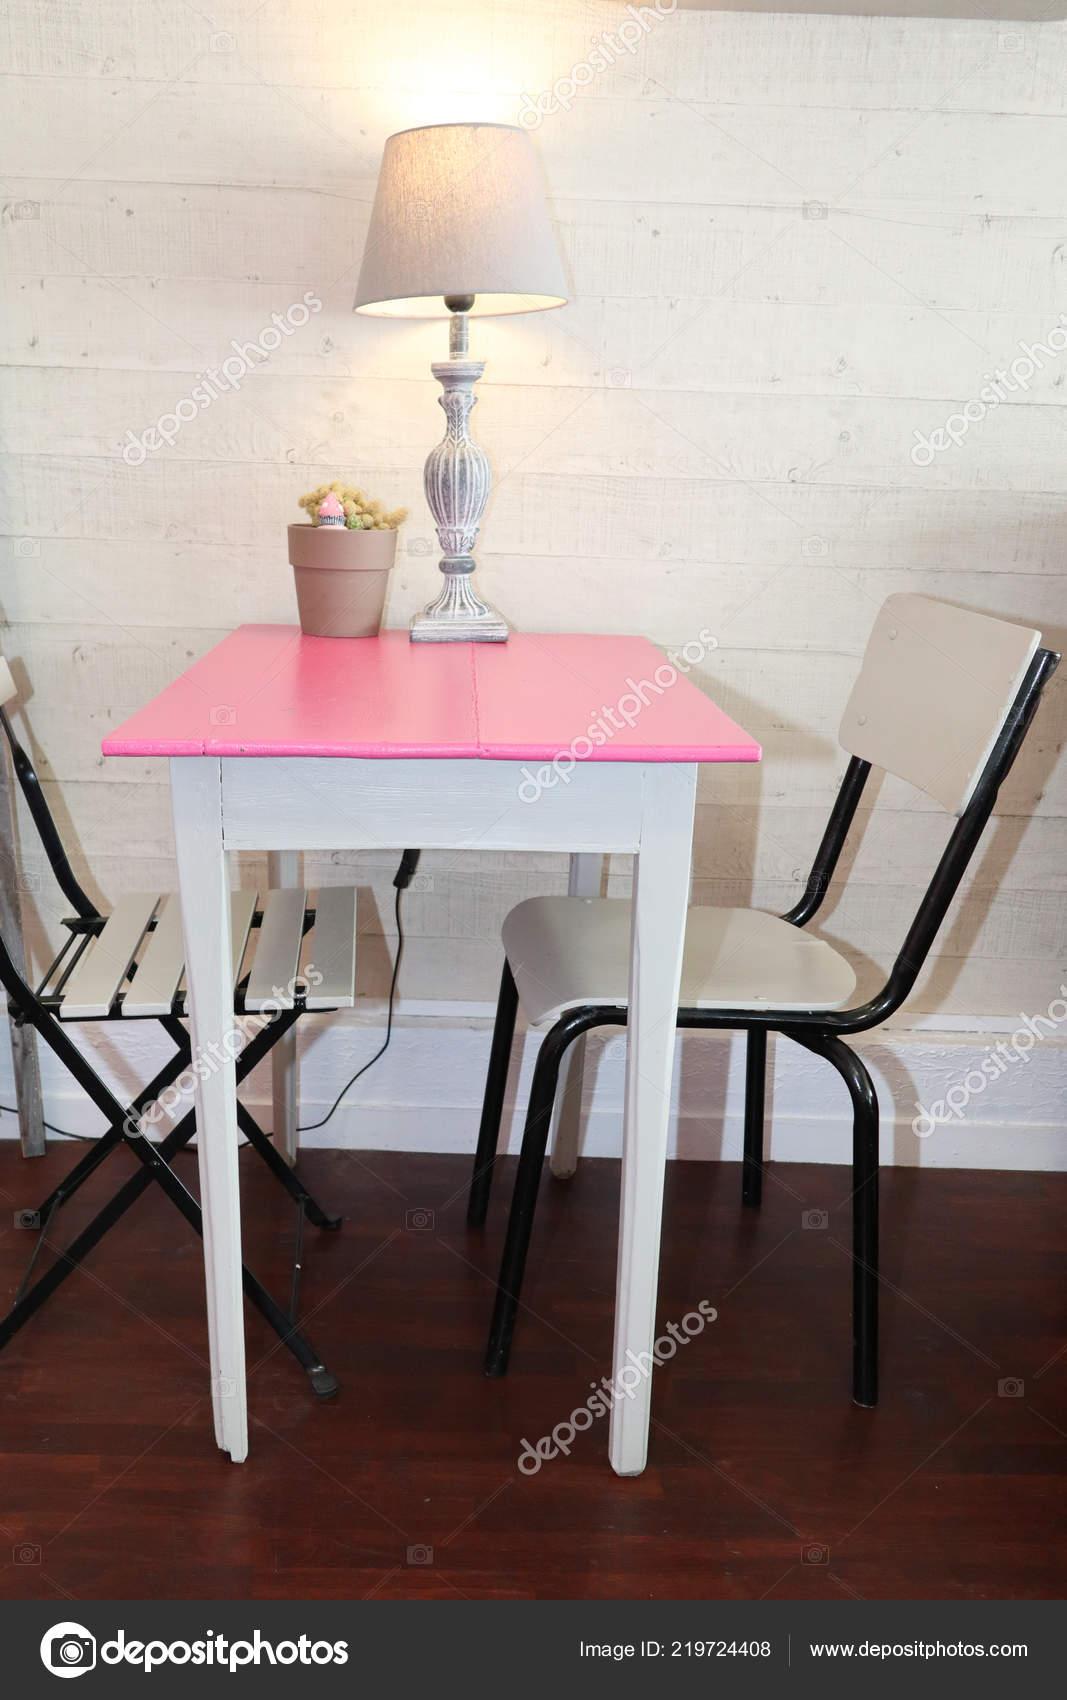 Petite Cuisine Table Deux Chaises Dans Concept Minimaliste